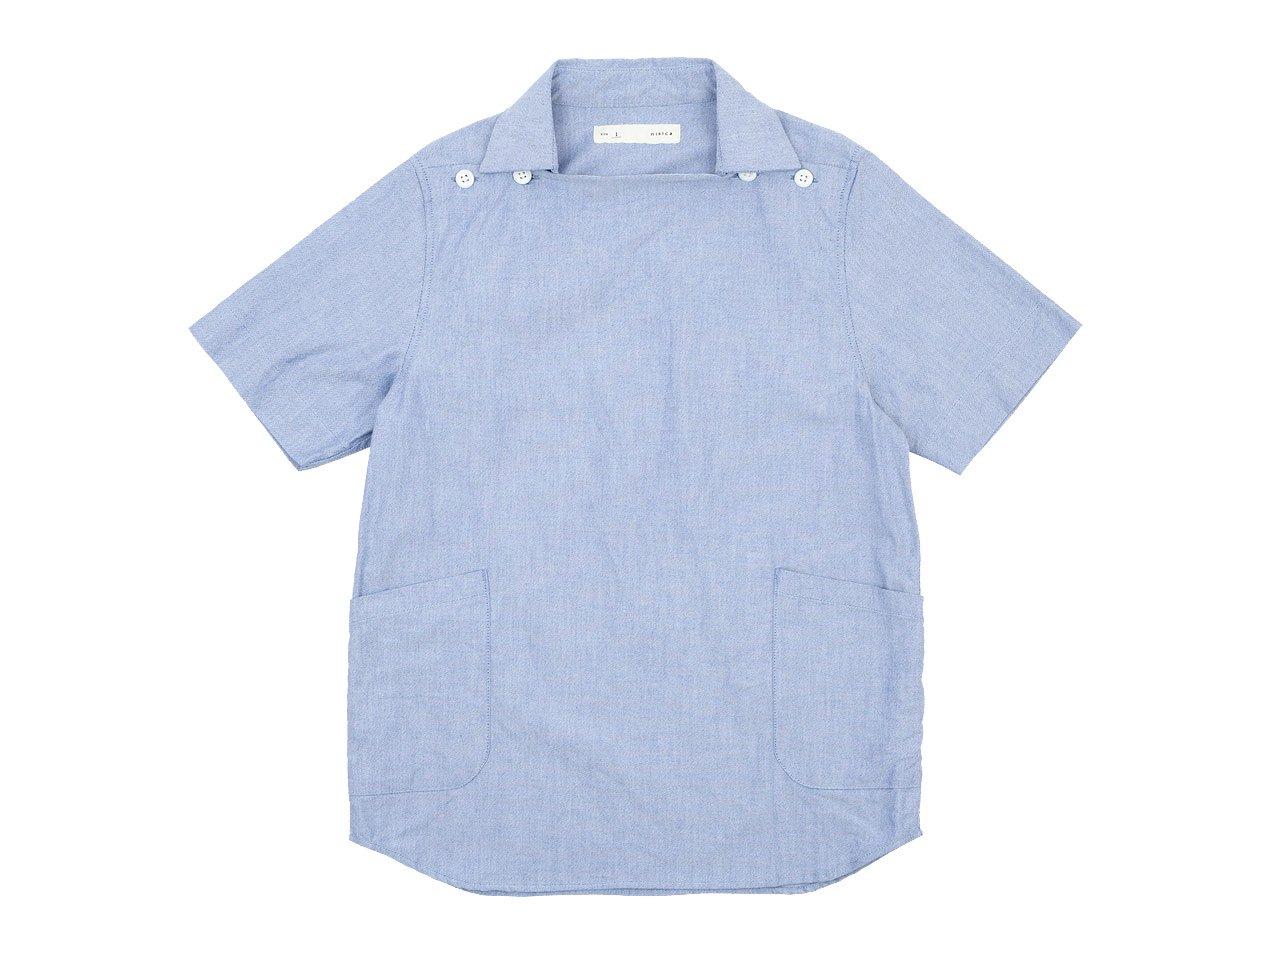 nisica デッキマンシャツ 半袖 オックス BLUE